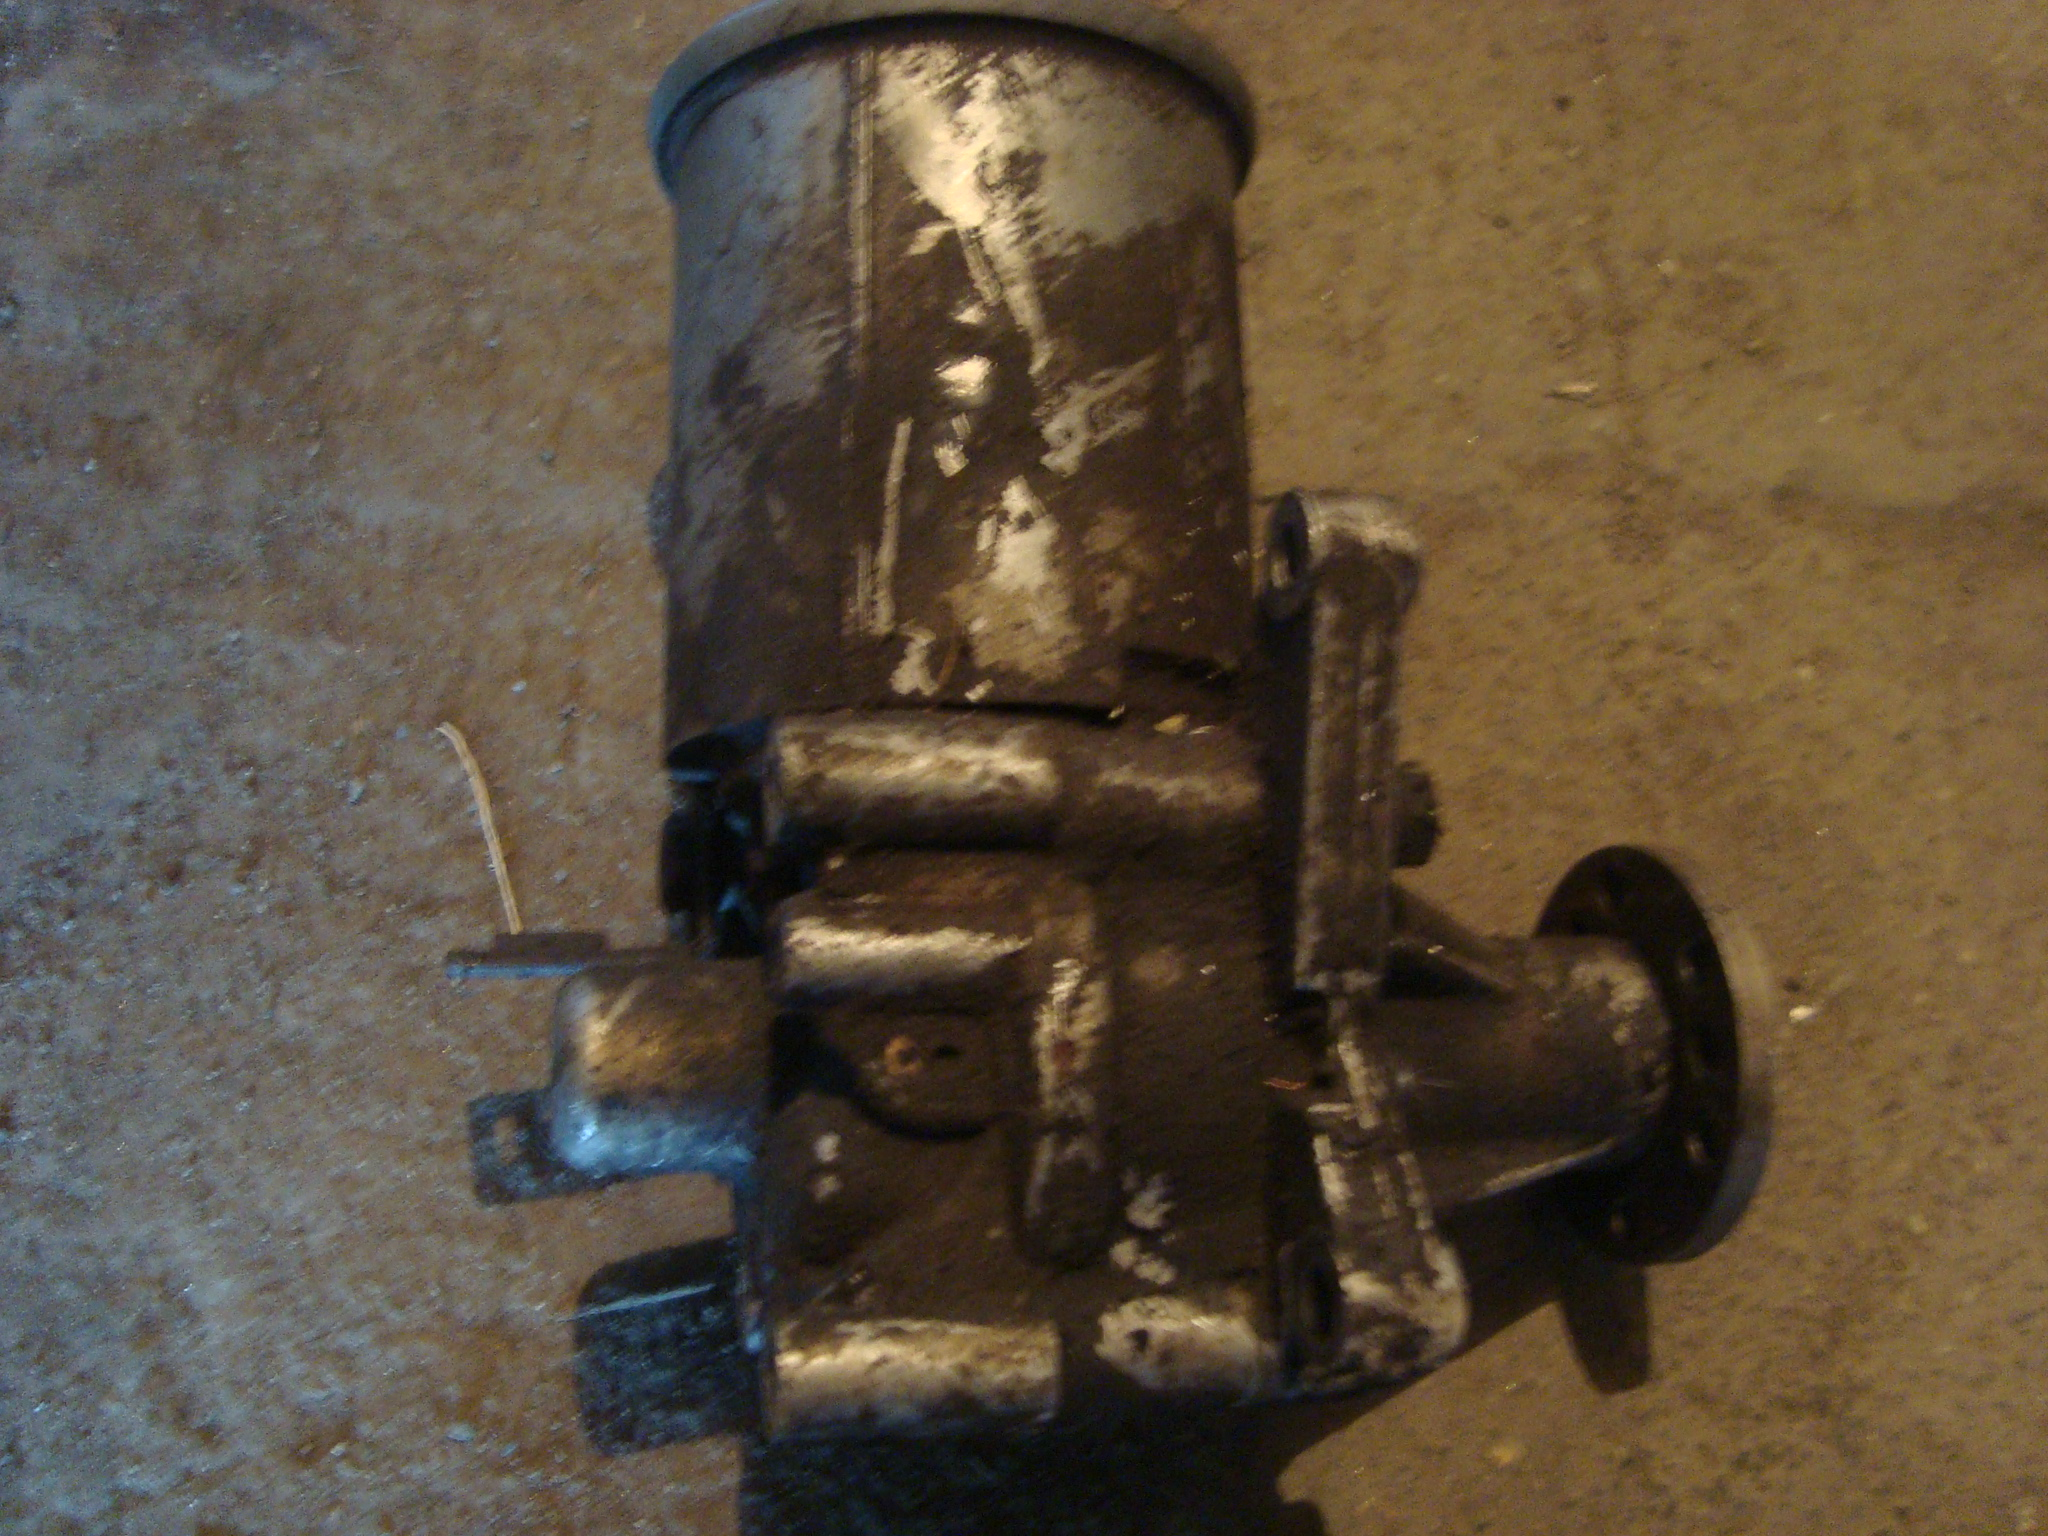 Ремонт гидроусилителя руля мерседес 124 своими руками